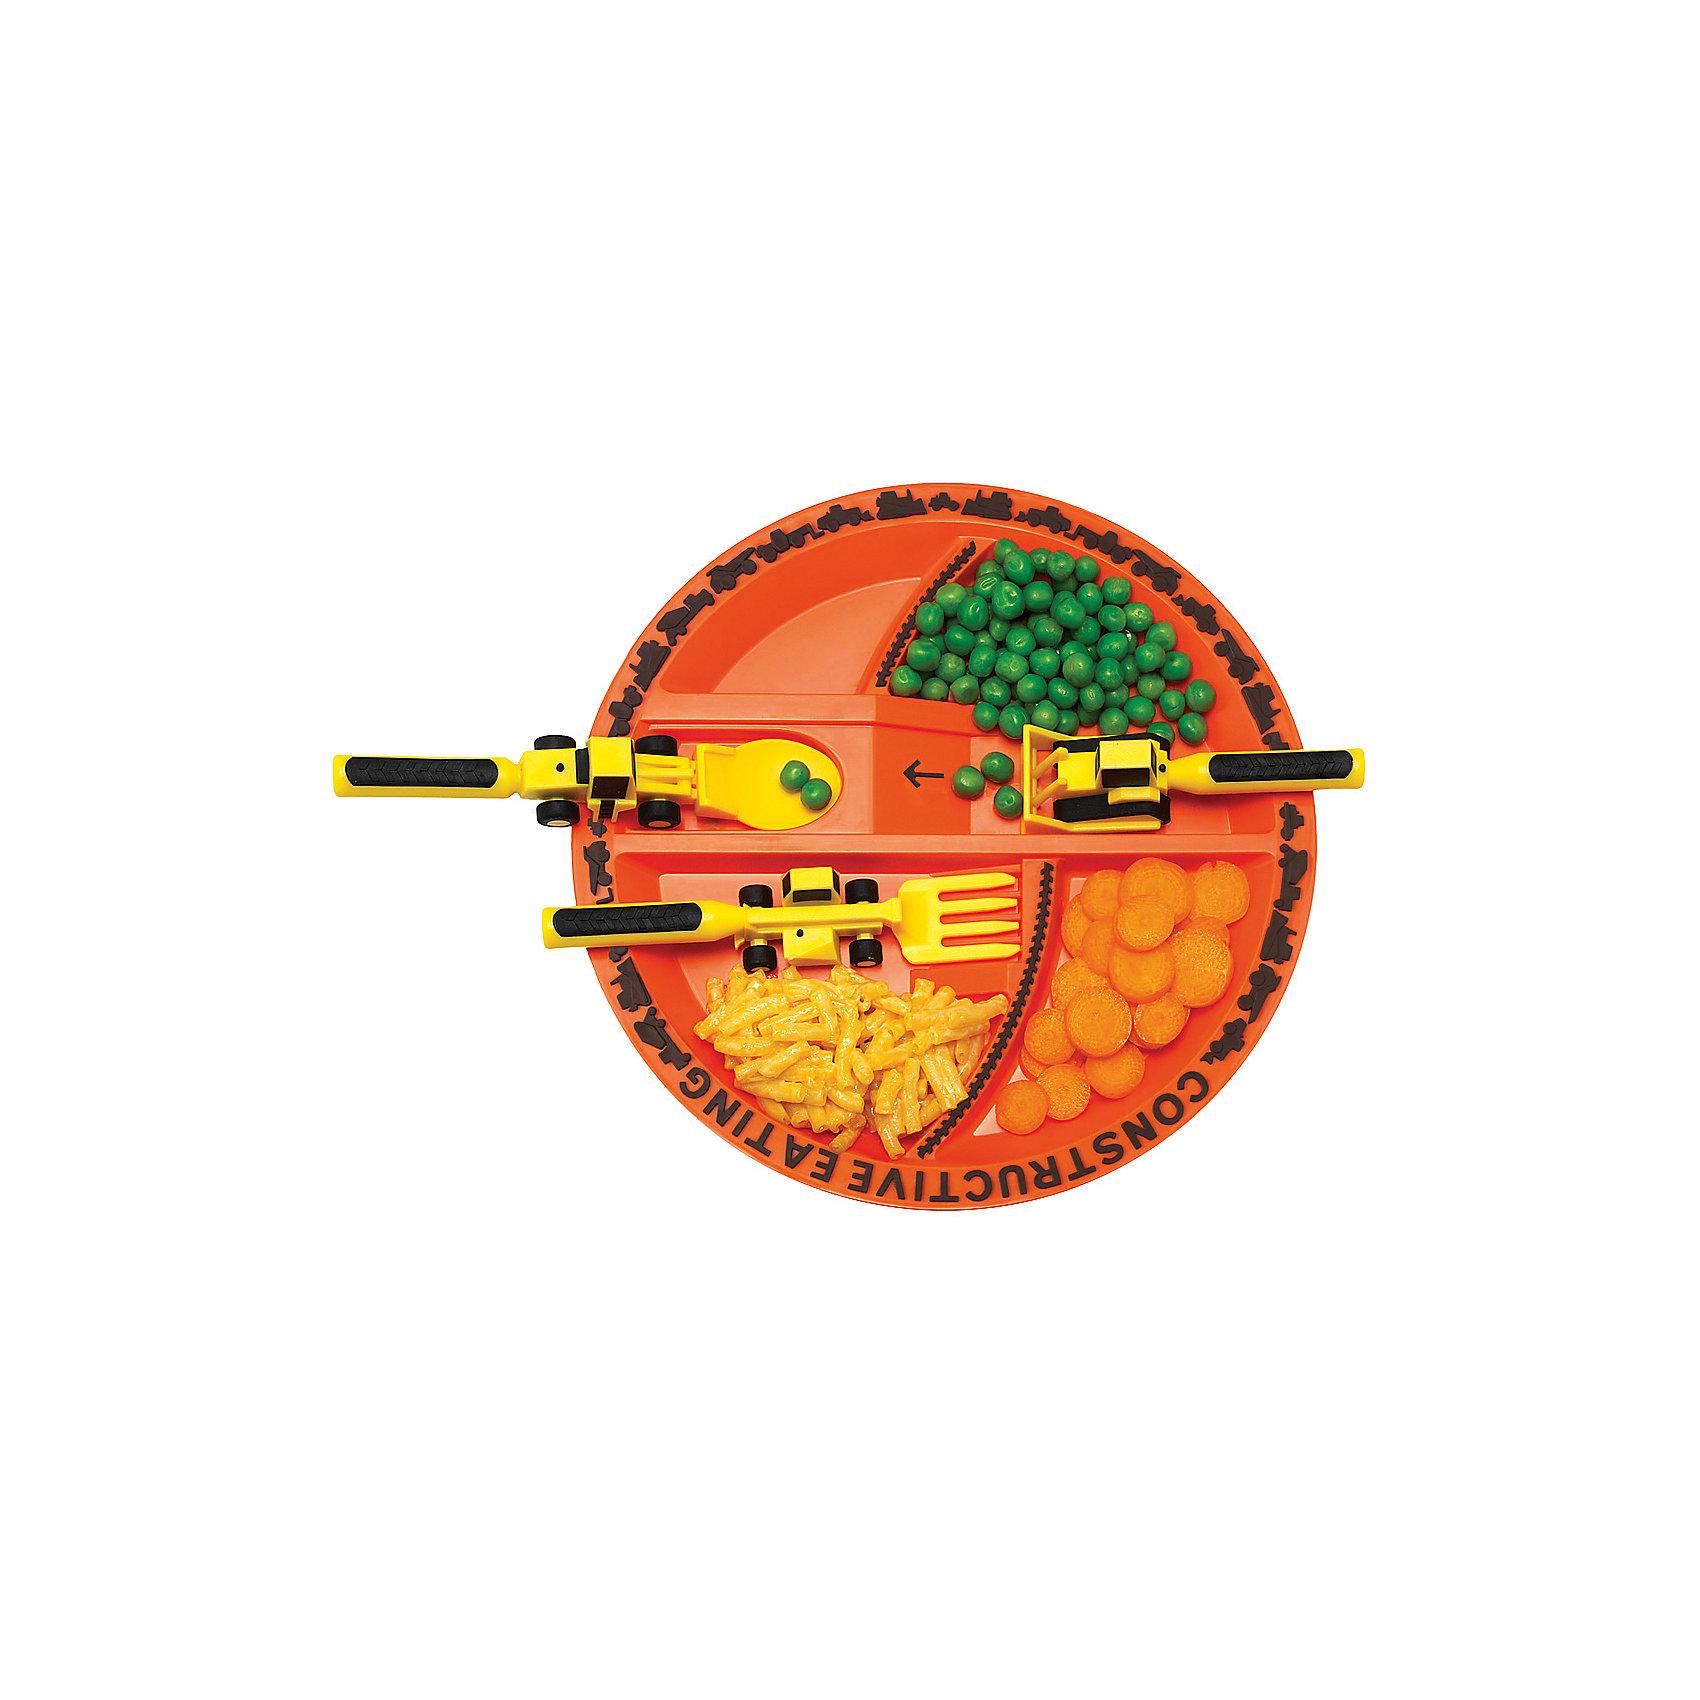 Набор из трех столовых приборов Строительная серия, Constructive Eating, желтый (Constructive eating)